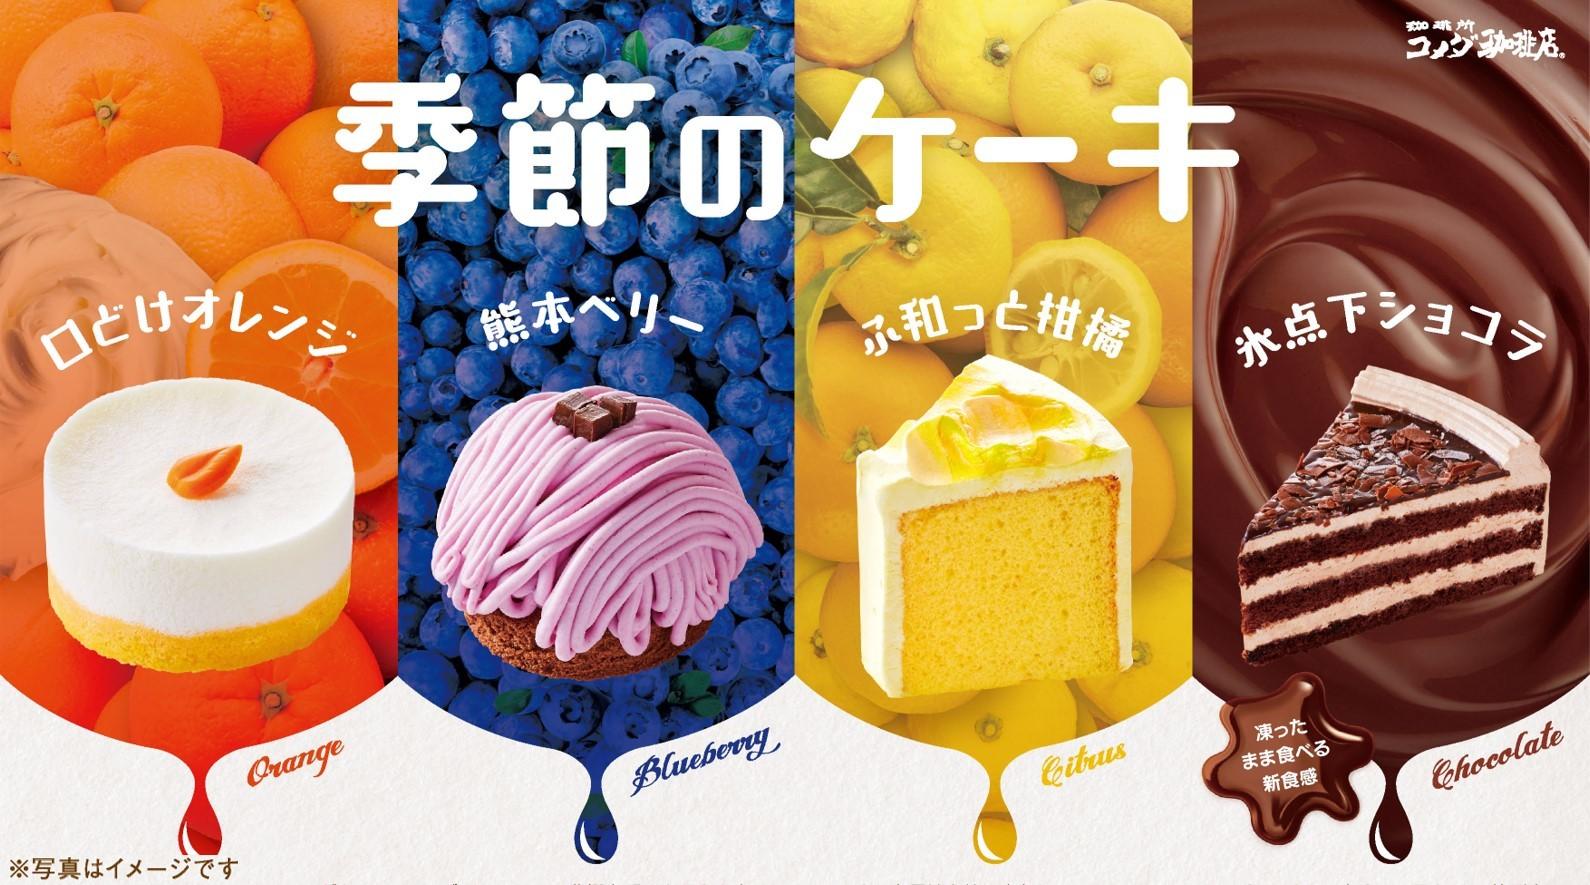 \初夏の新作登場/季節のケーキを5月19日(水)より季節限定で販売開始 ~オレンジが香るふわふわ食感... 画像